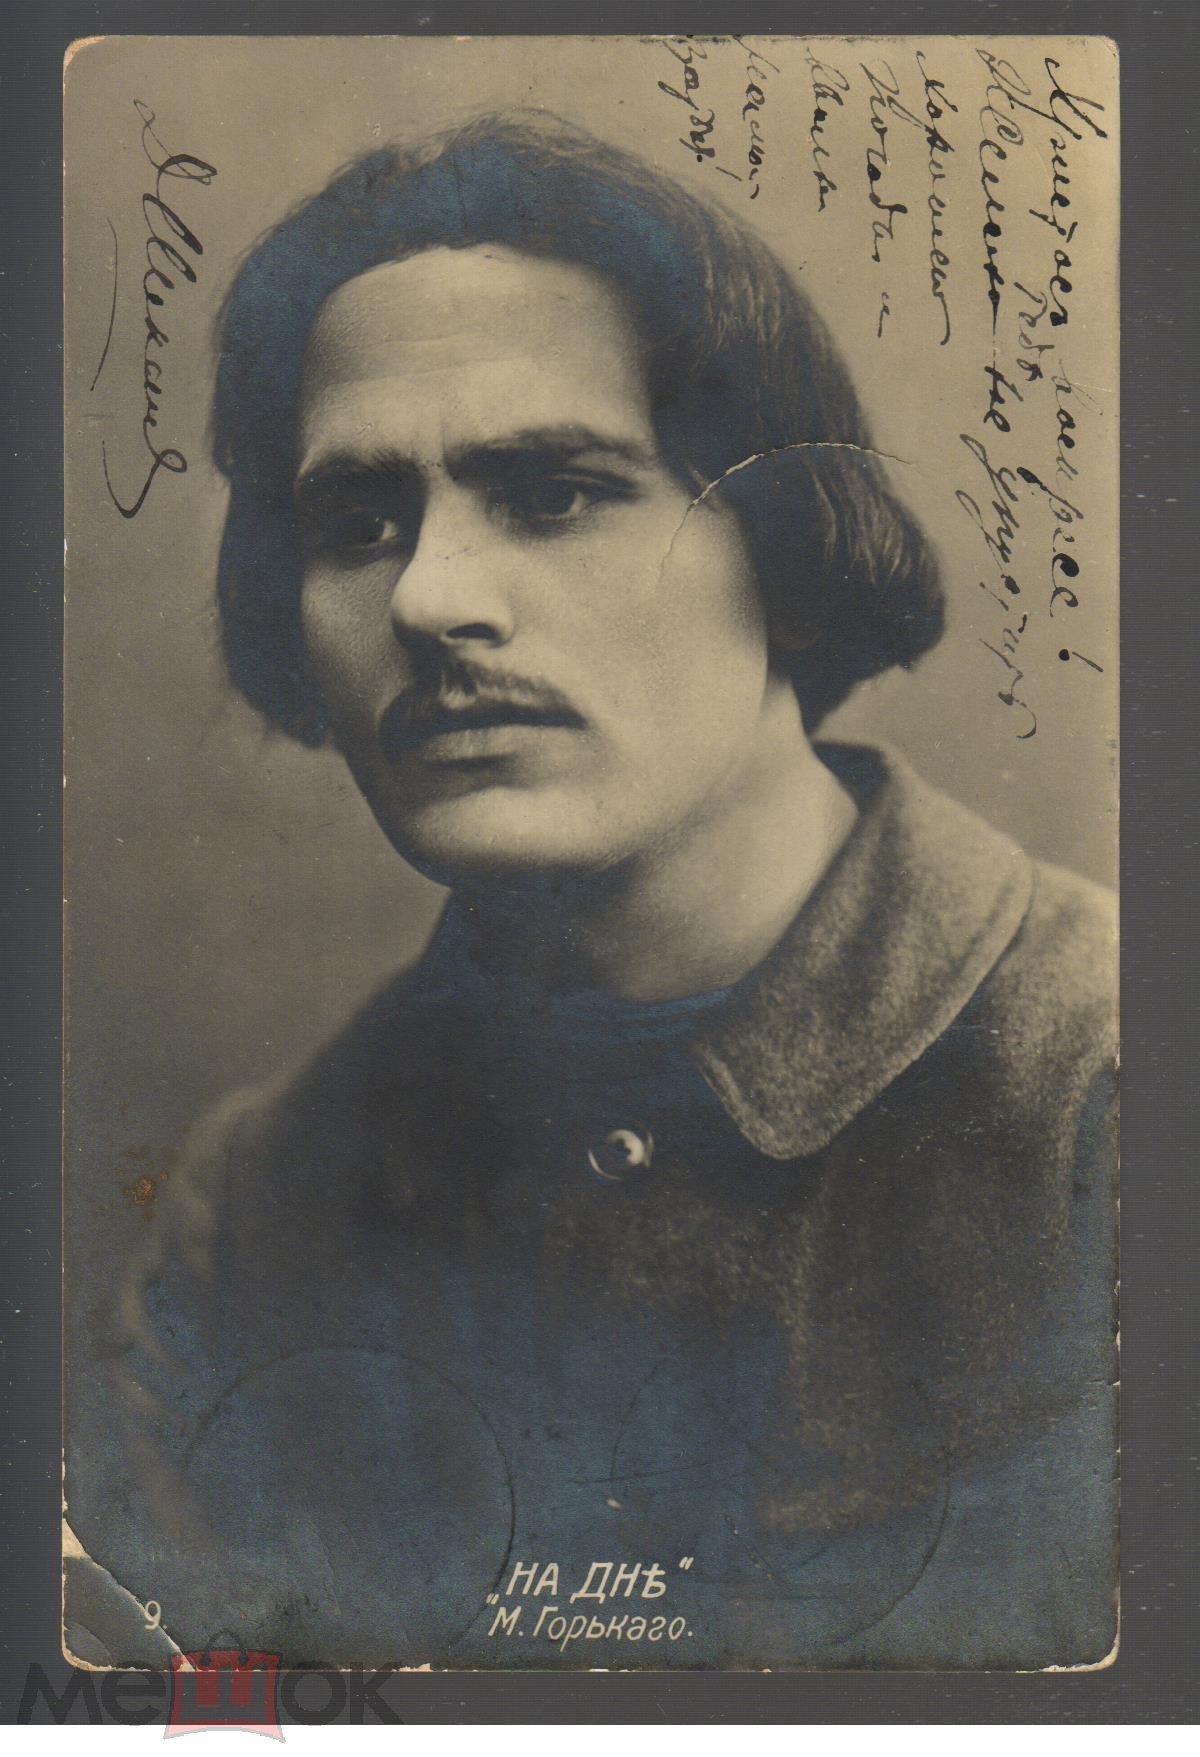 Картинки, открытки 1906 года цена